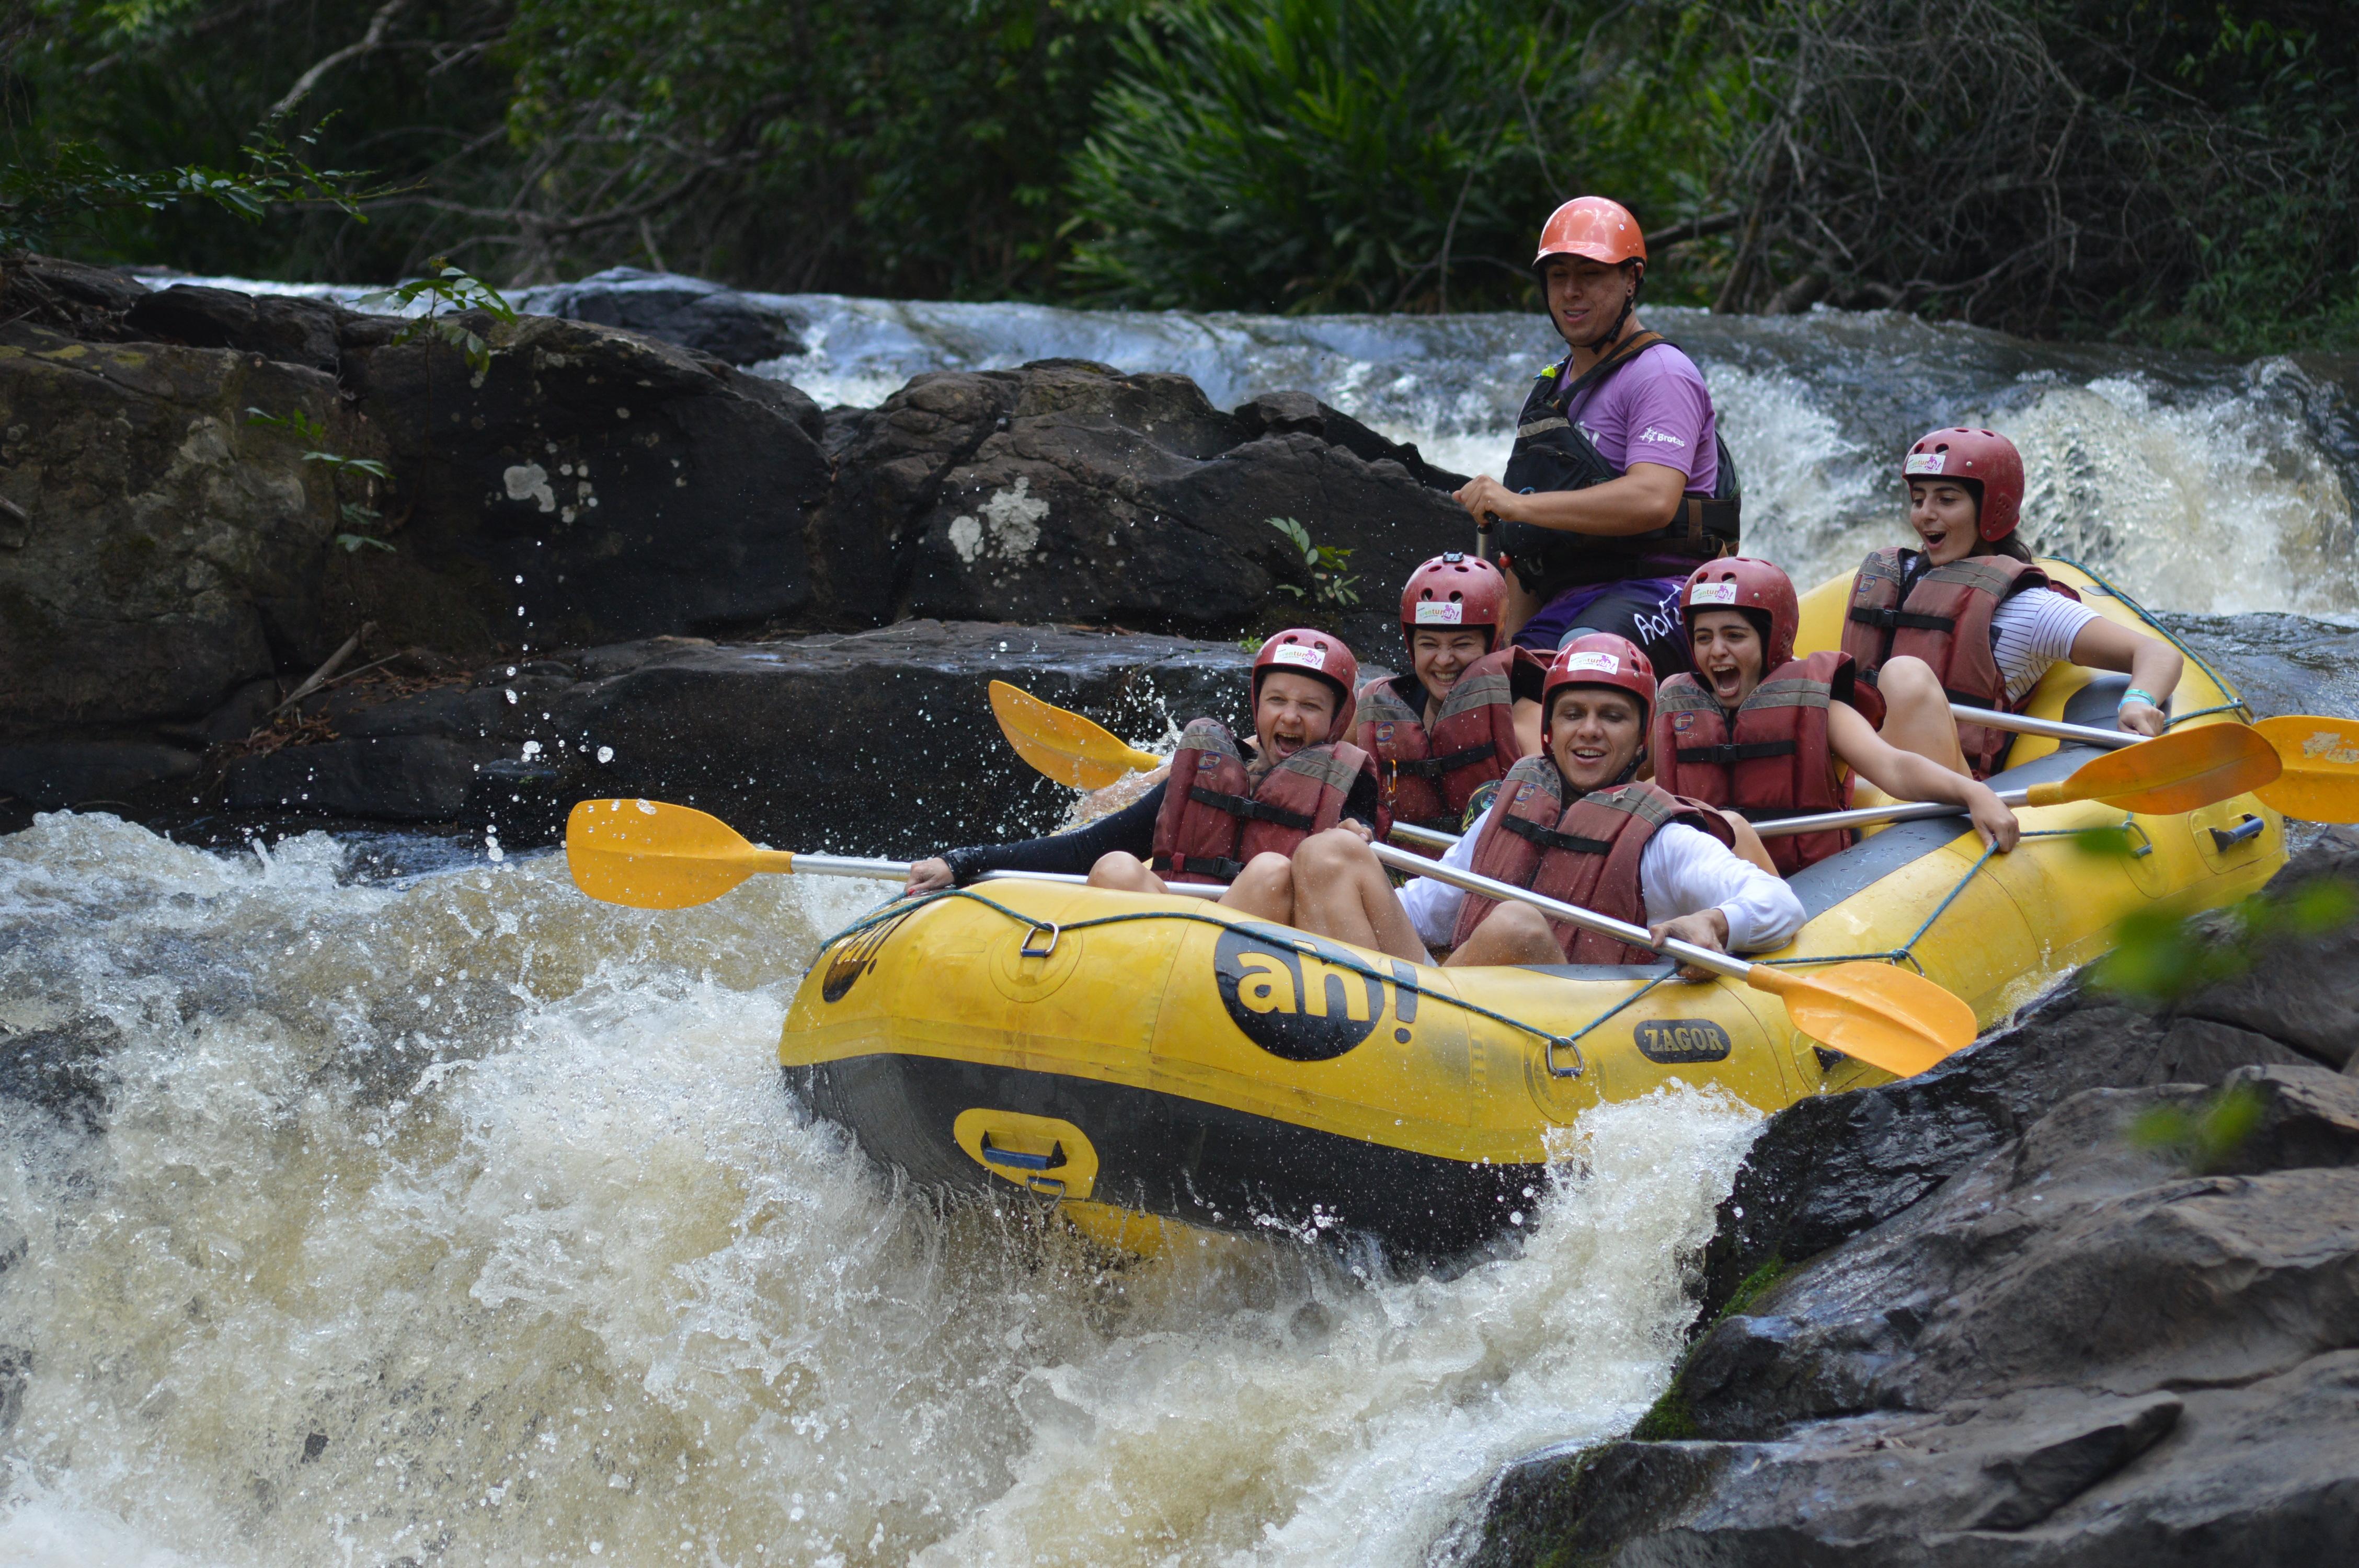 Brotas, no interior de São Paulo, é um dos principais destinos de ecoturismo e prática de esportes radicais do estado